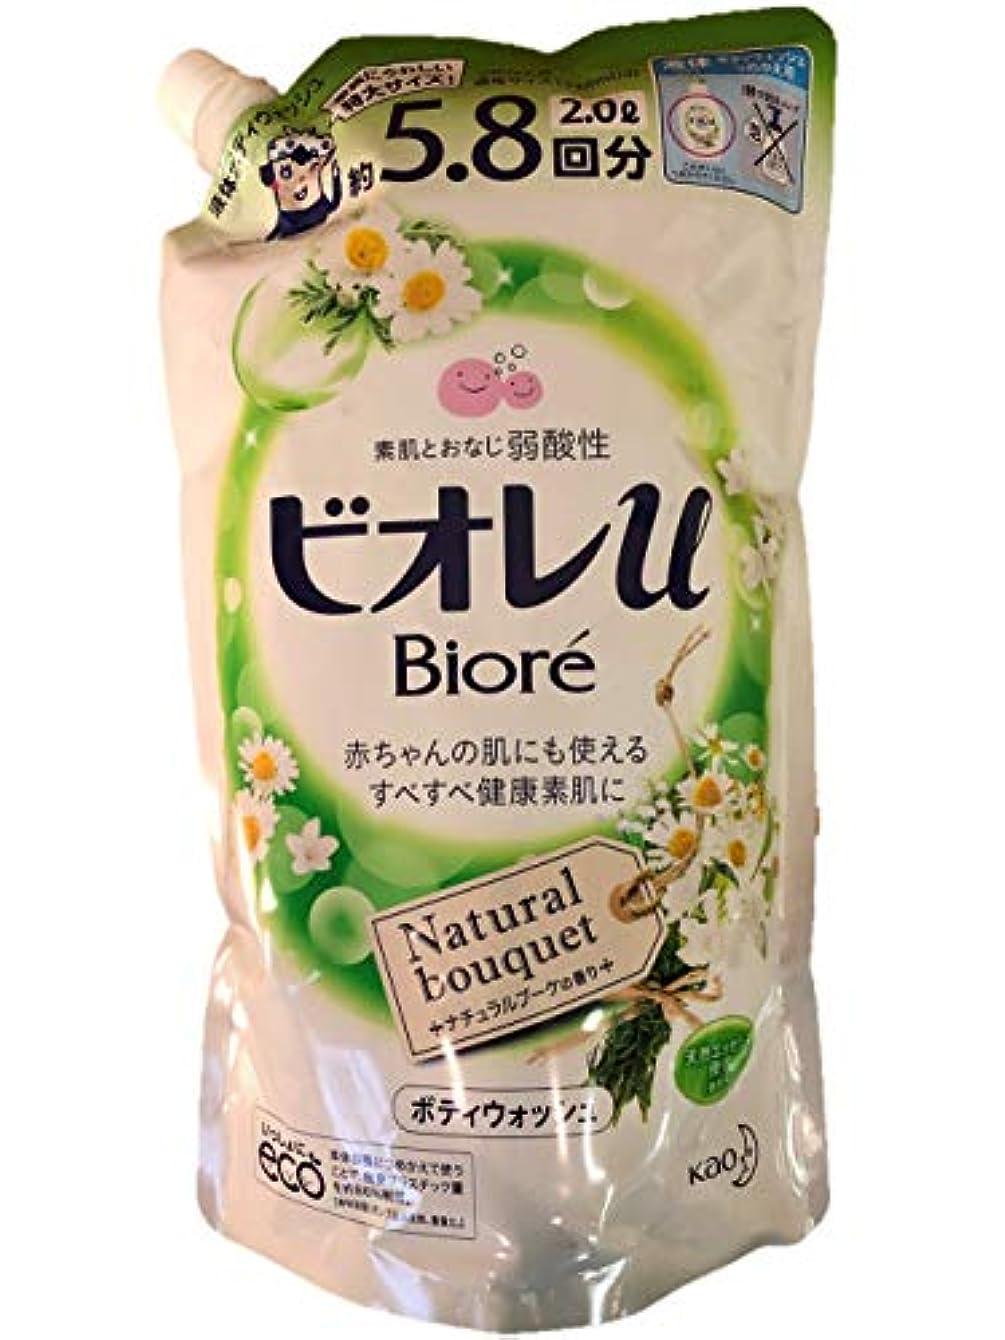 出会いメイトチケット【大容量】ビオレu 詰め替え用 ナチュラルブーケの香り 5.8回分 2L